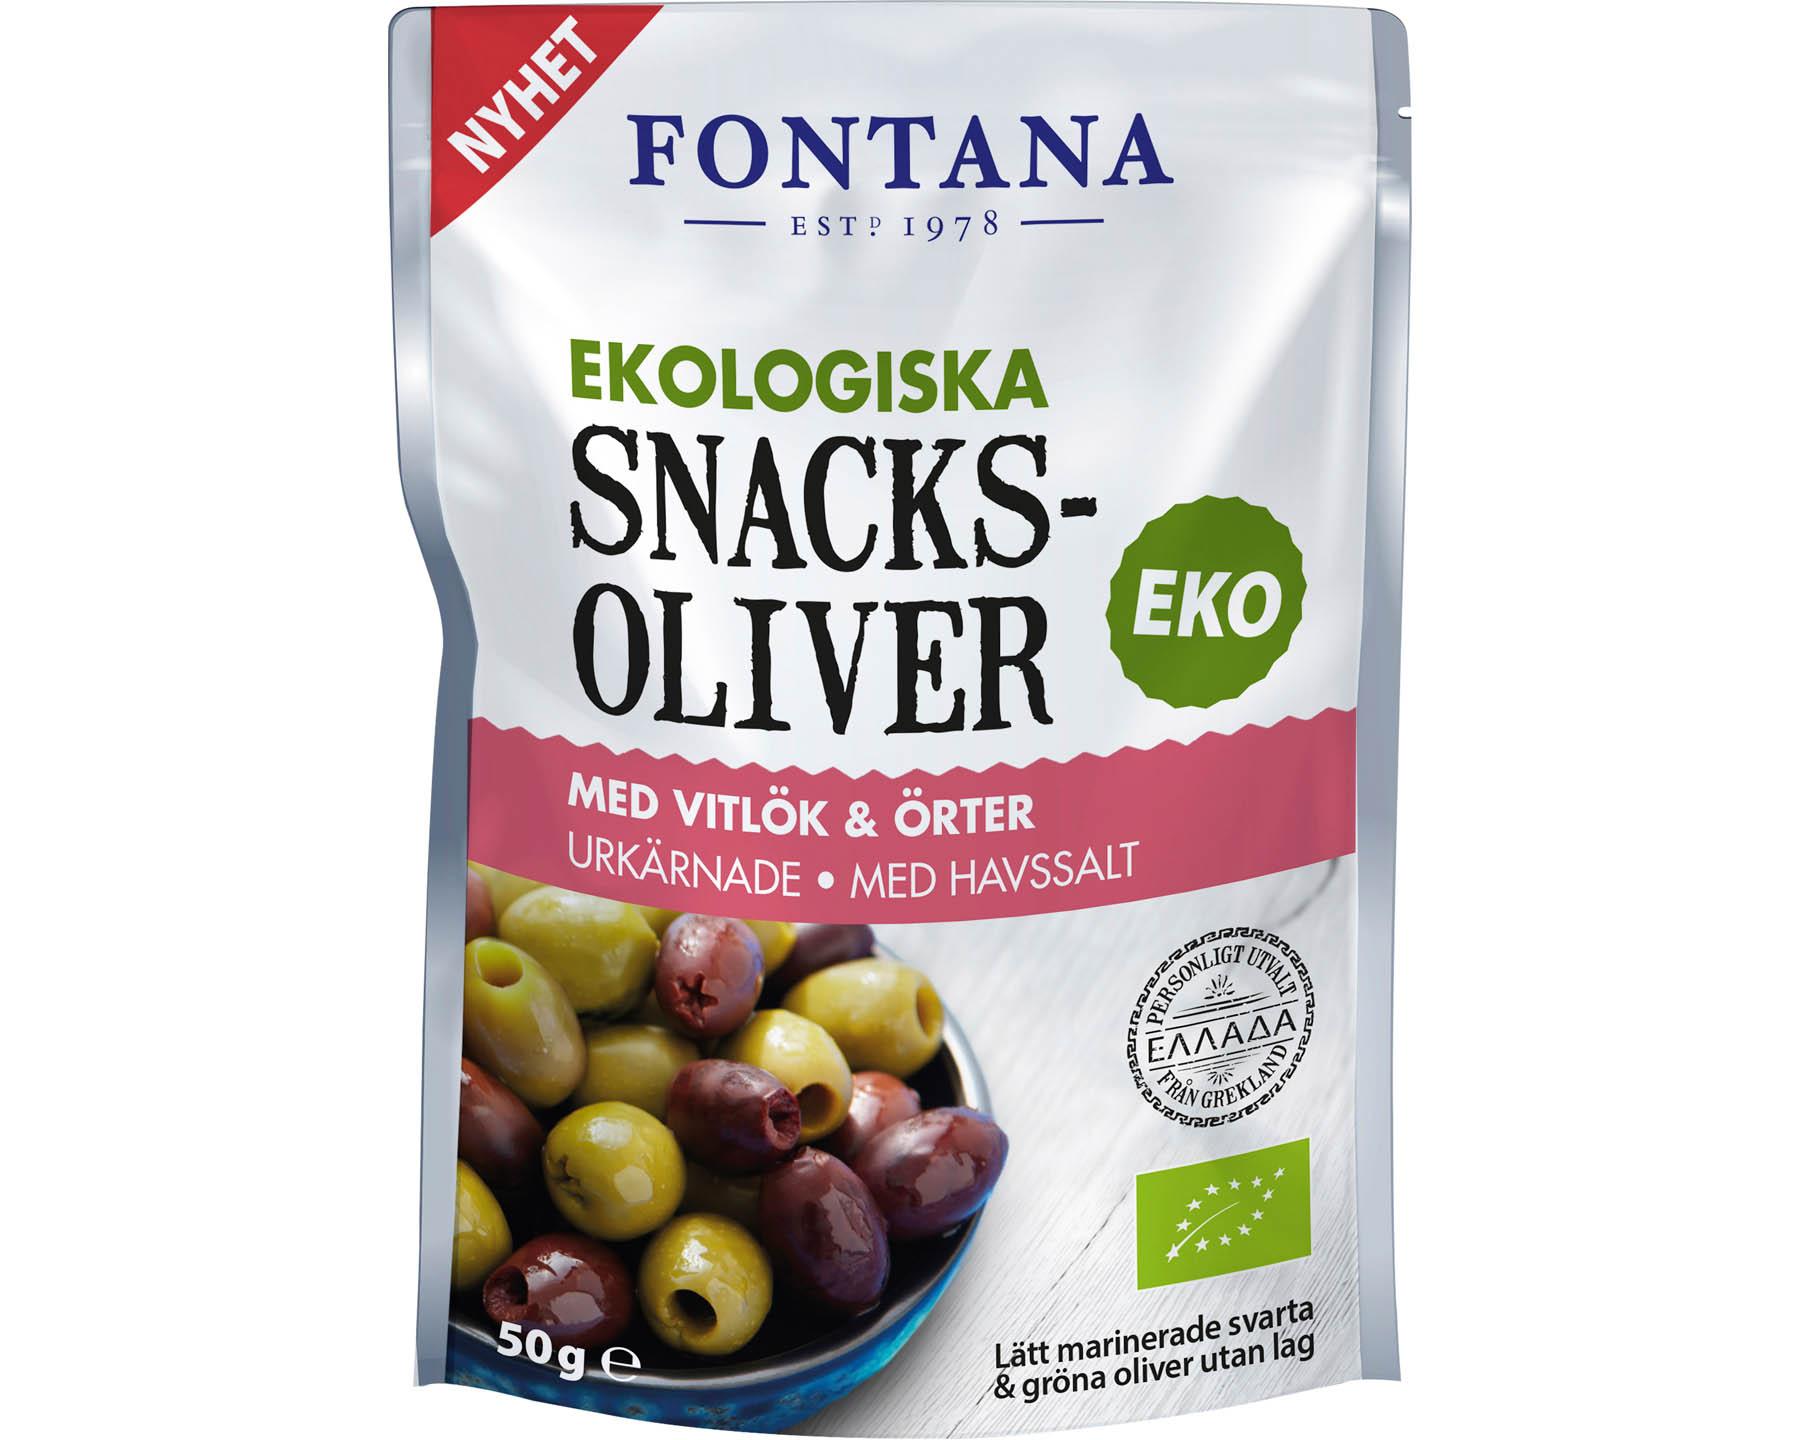 Fontana Snacksoliver - Olivmix med vitlök & örter